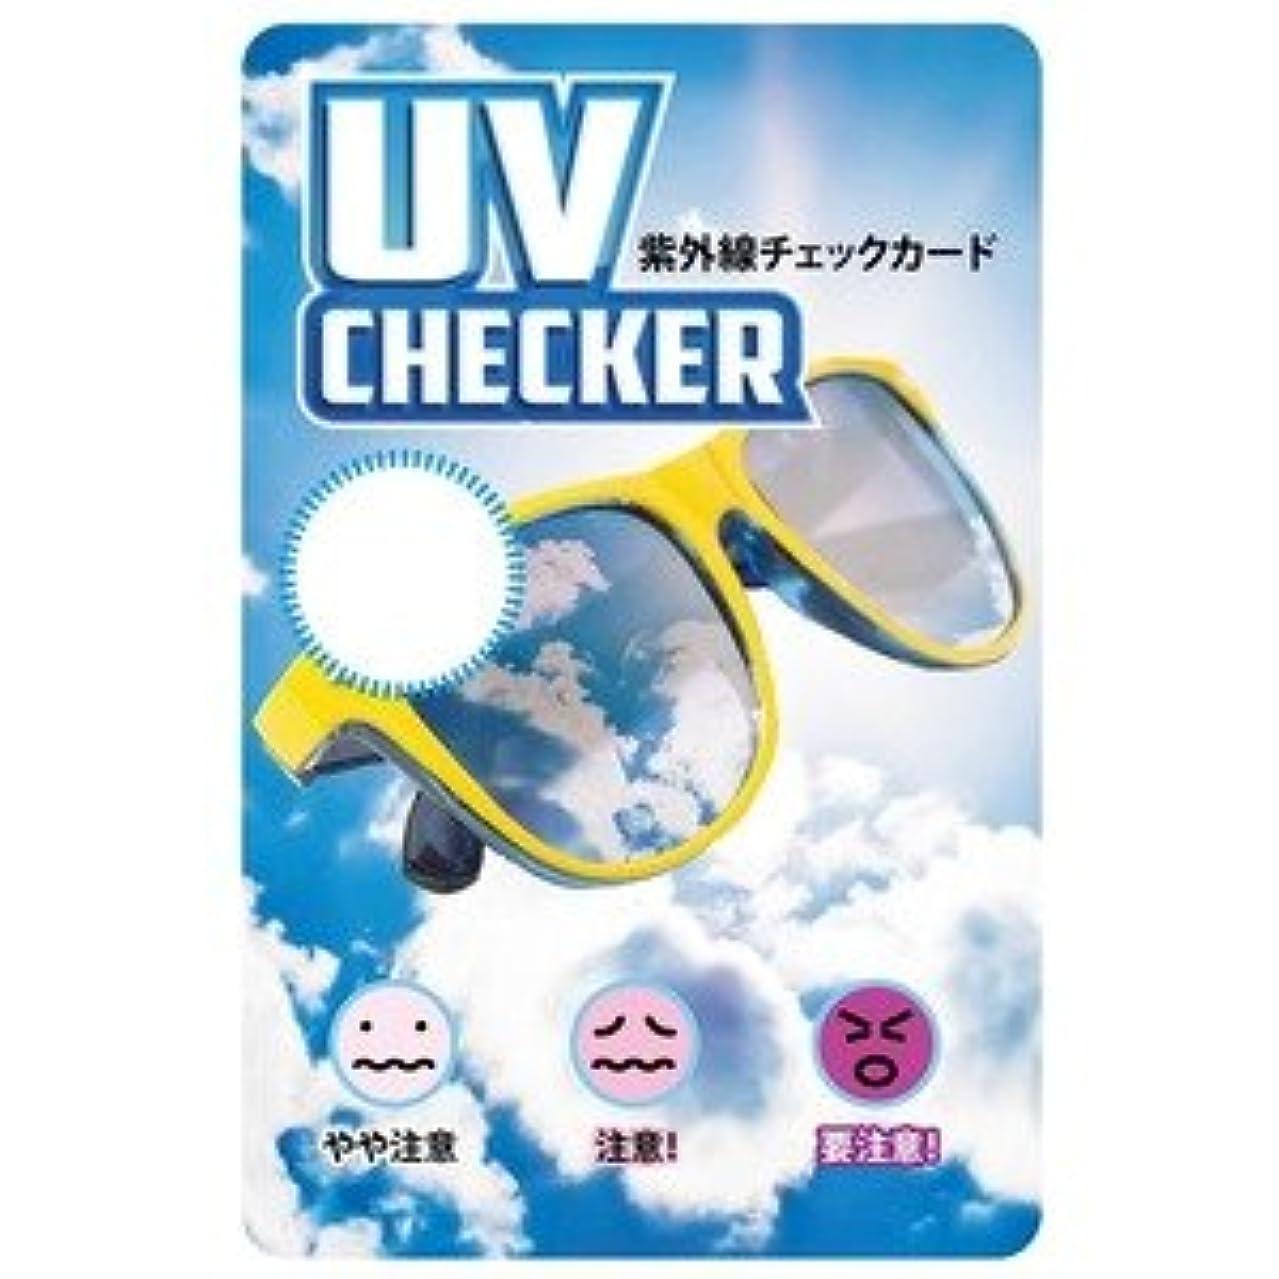 木曜日生き残りマニアック紫外線チェックカード?UV6 【100枚セット】 紫外線対策